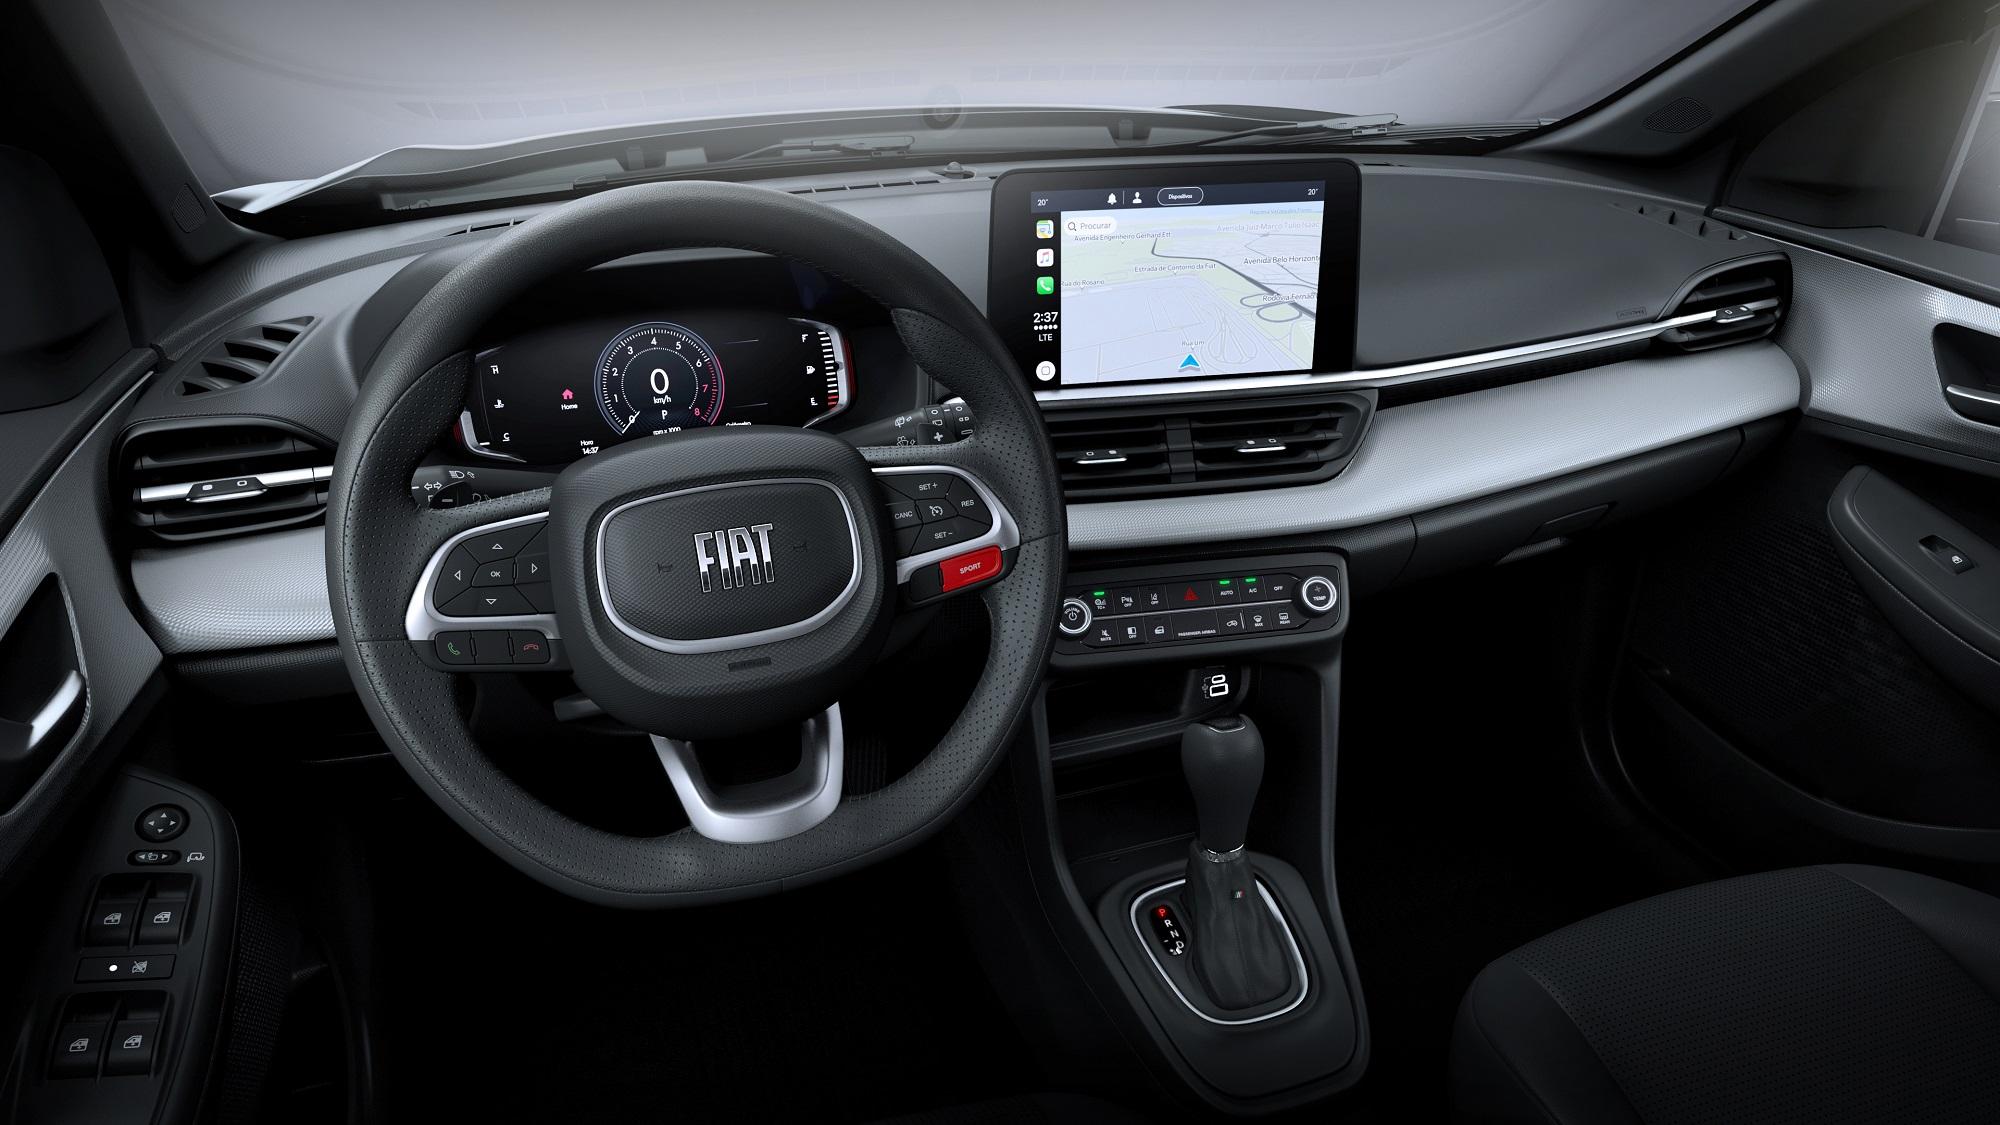 Painel da versão de topo do novo SUV da Fiat, Pulse